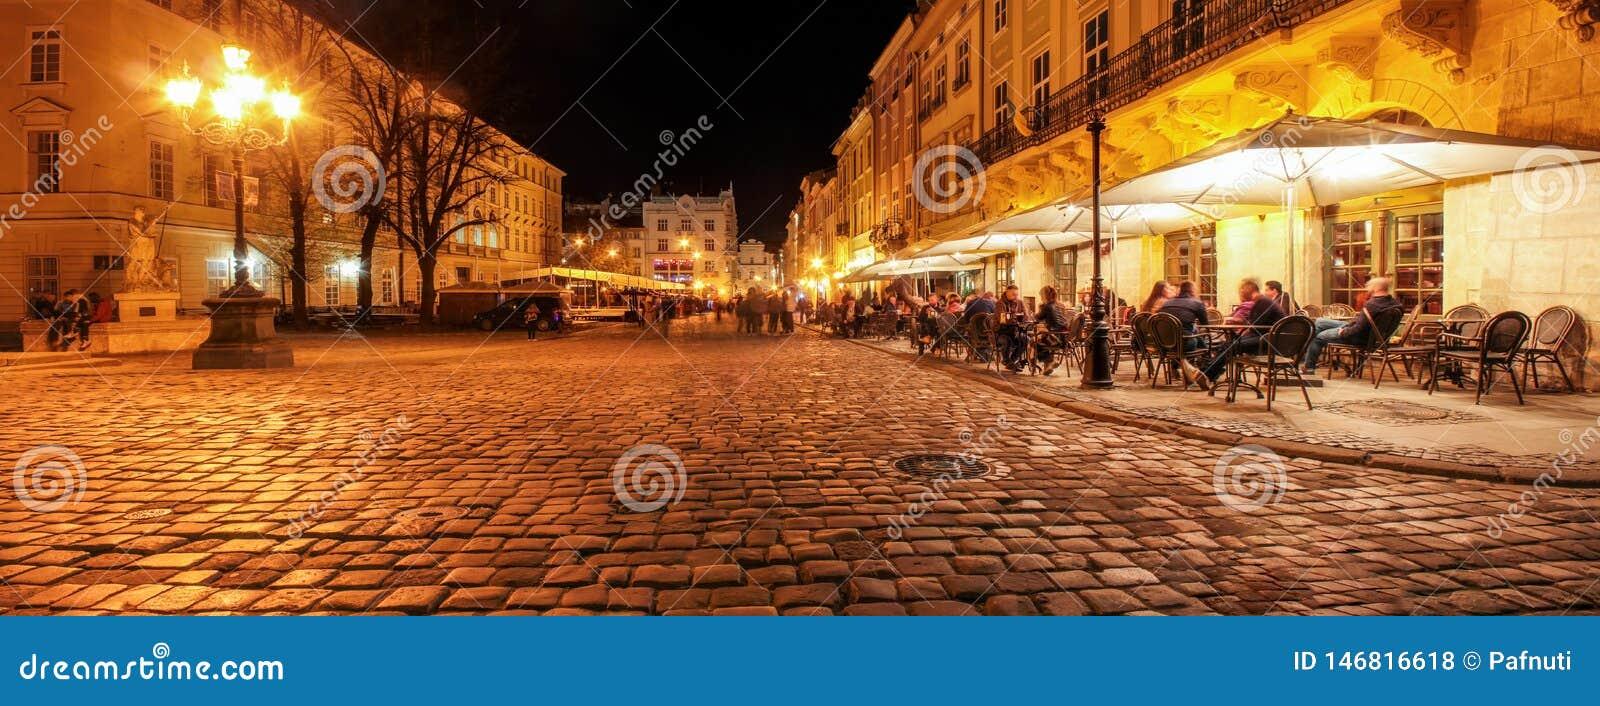 Café de la calle en las calles viejas de la ciudad de la noche